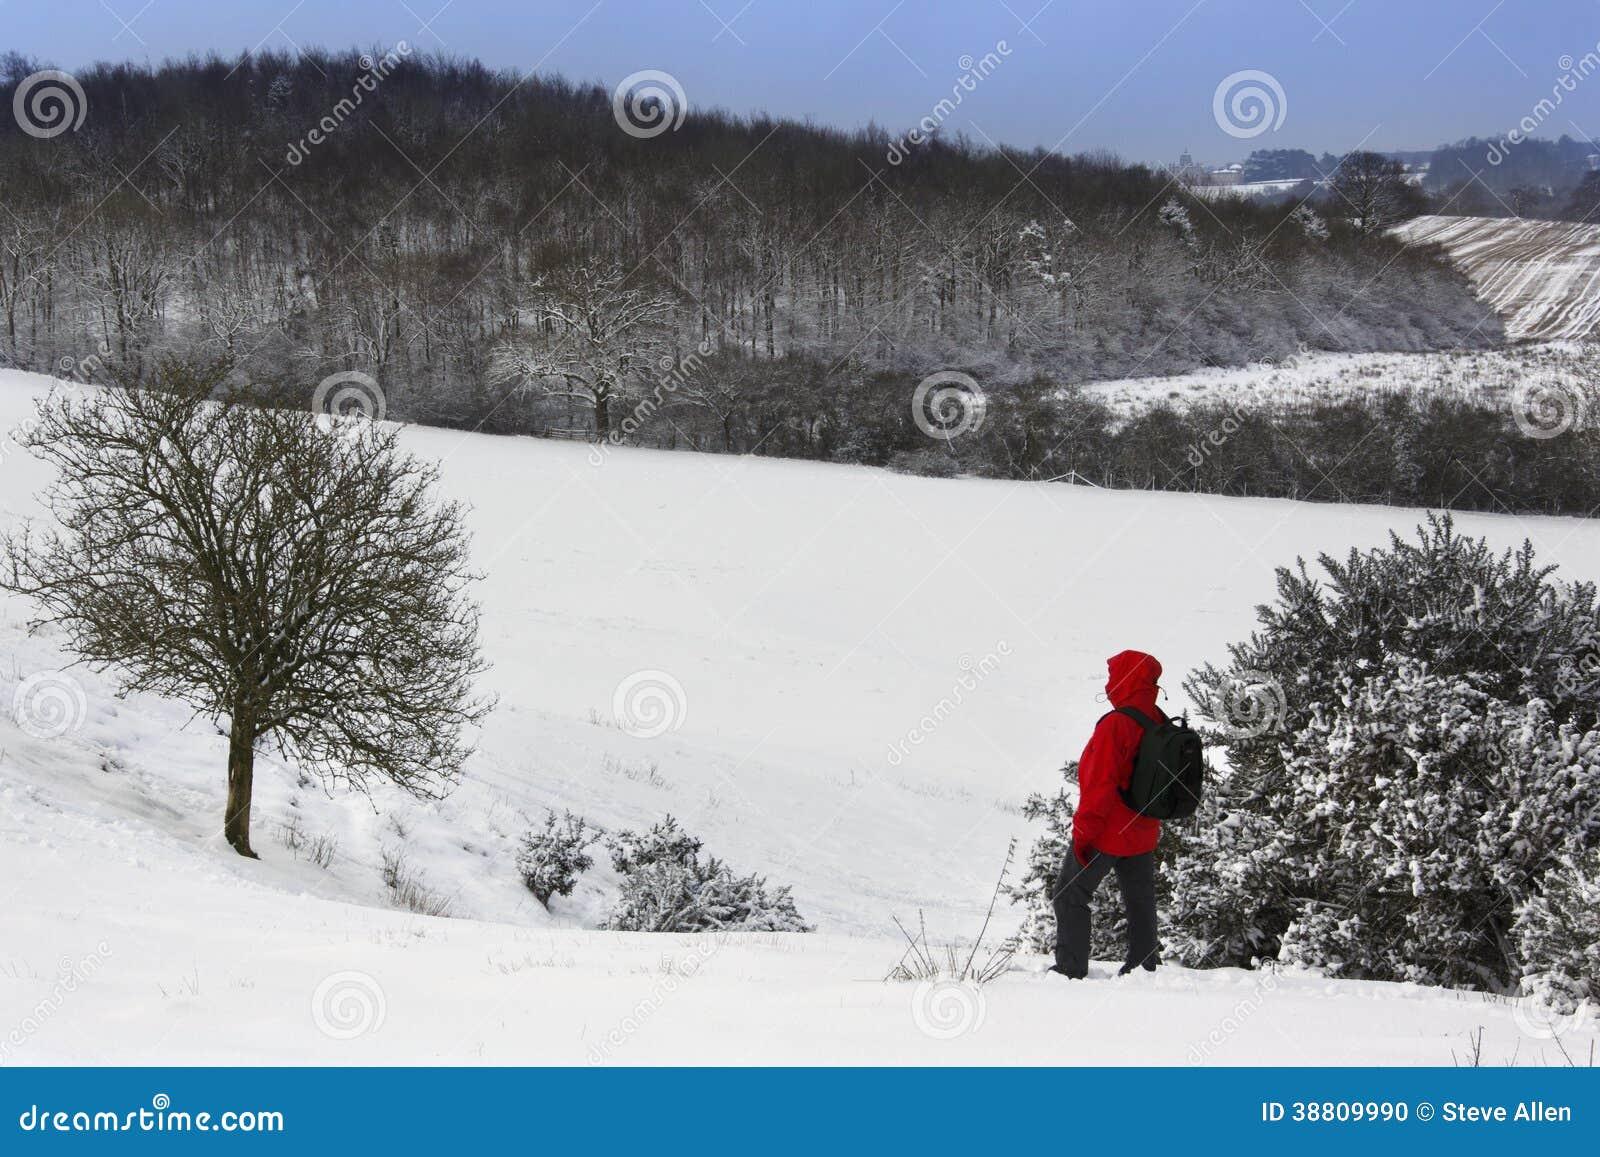 un marcheur sur une neige a couvert le flanc de coteau. Black Bedroom Furniture Sets. Home Design Ideas